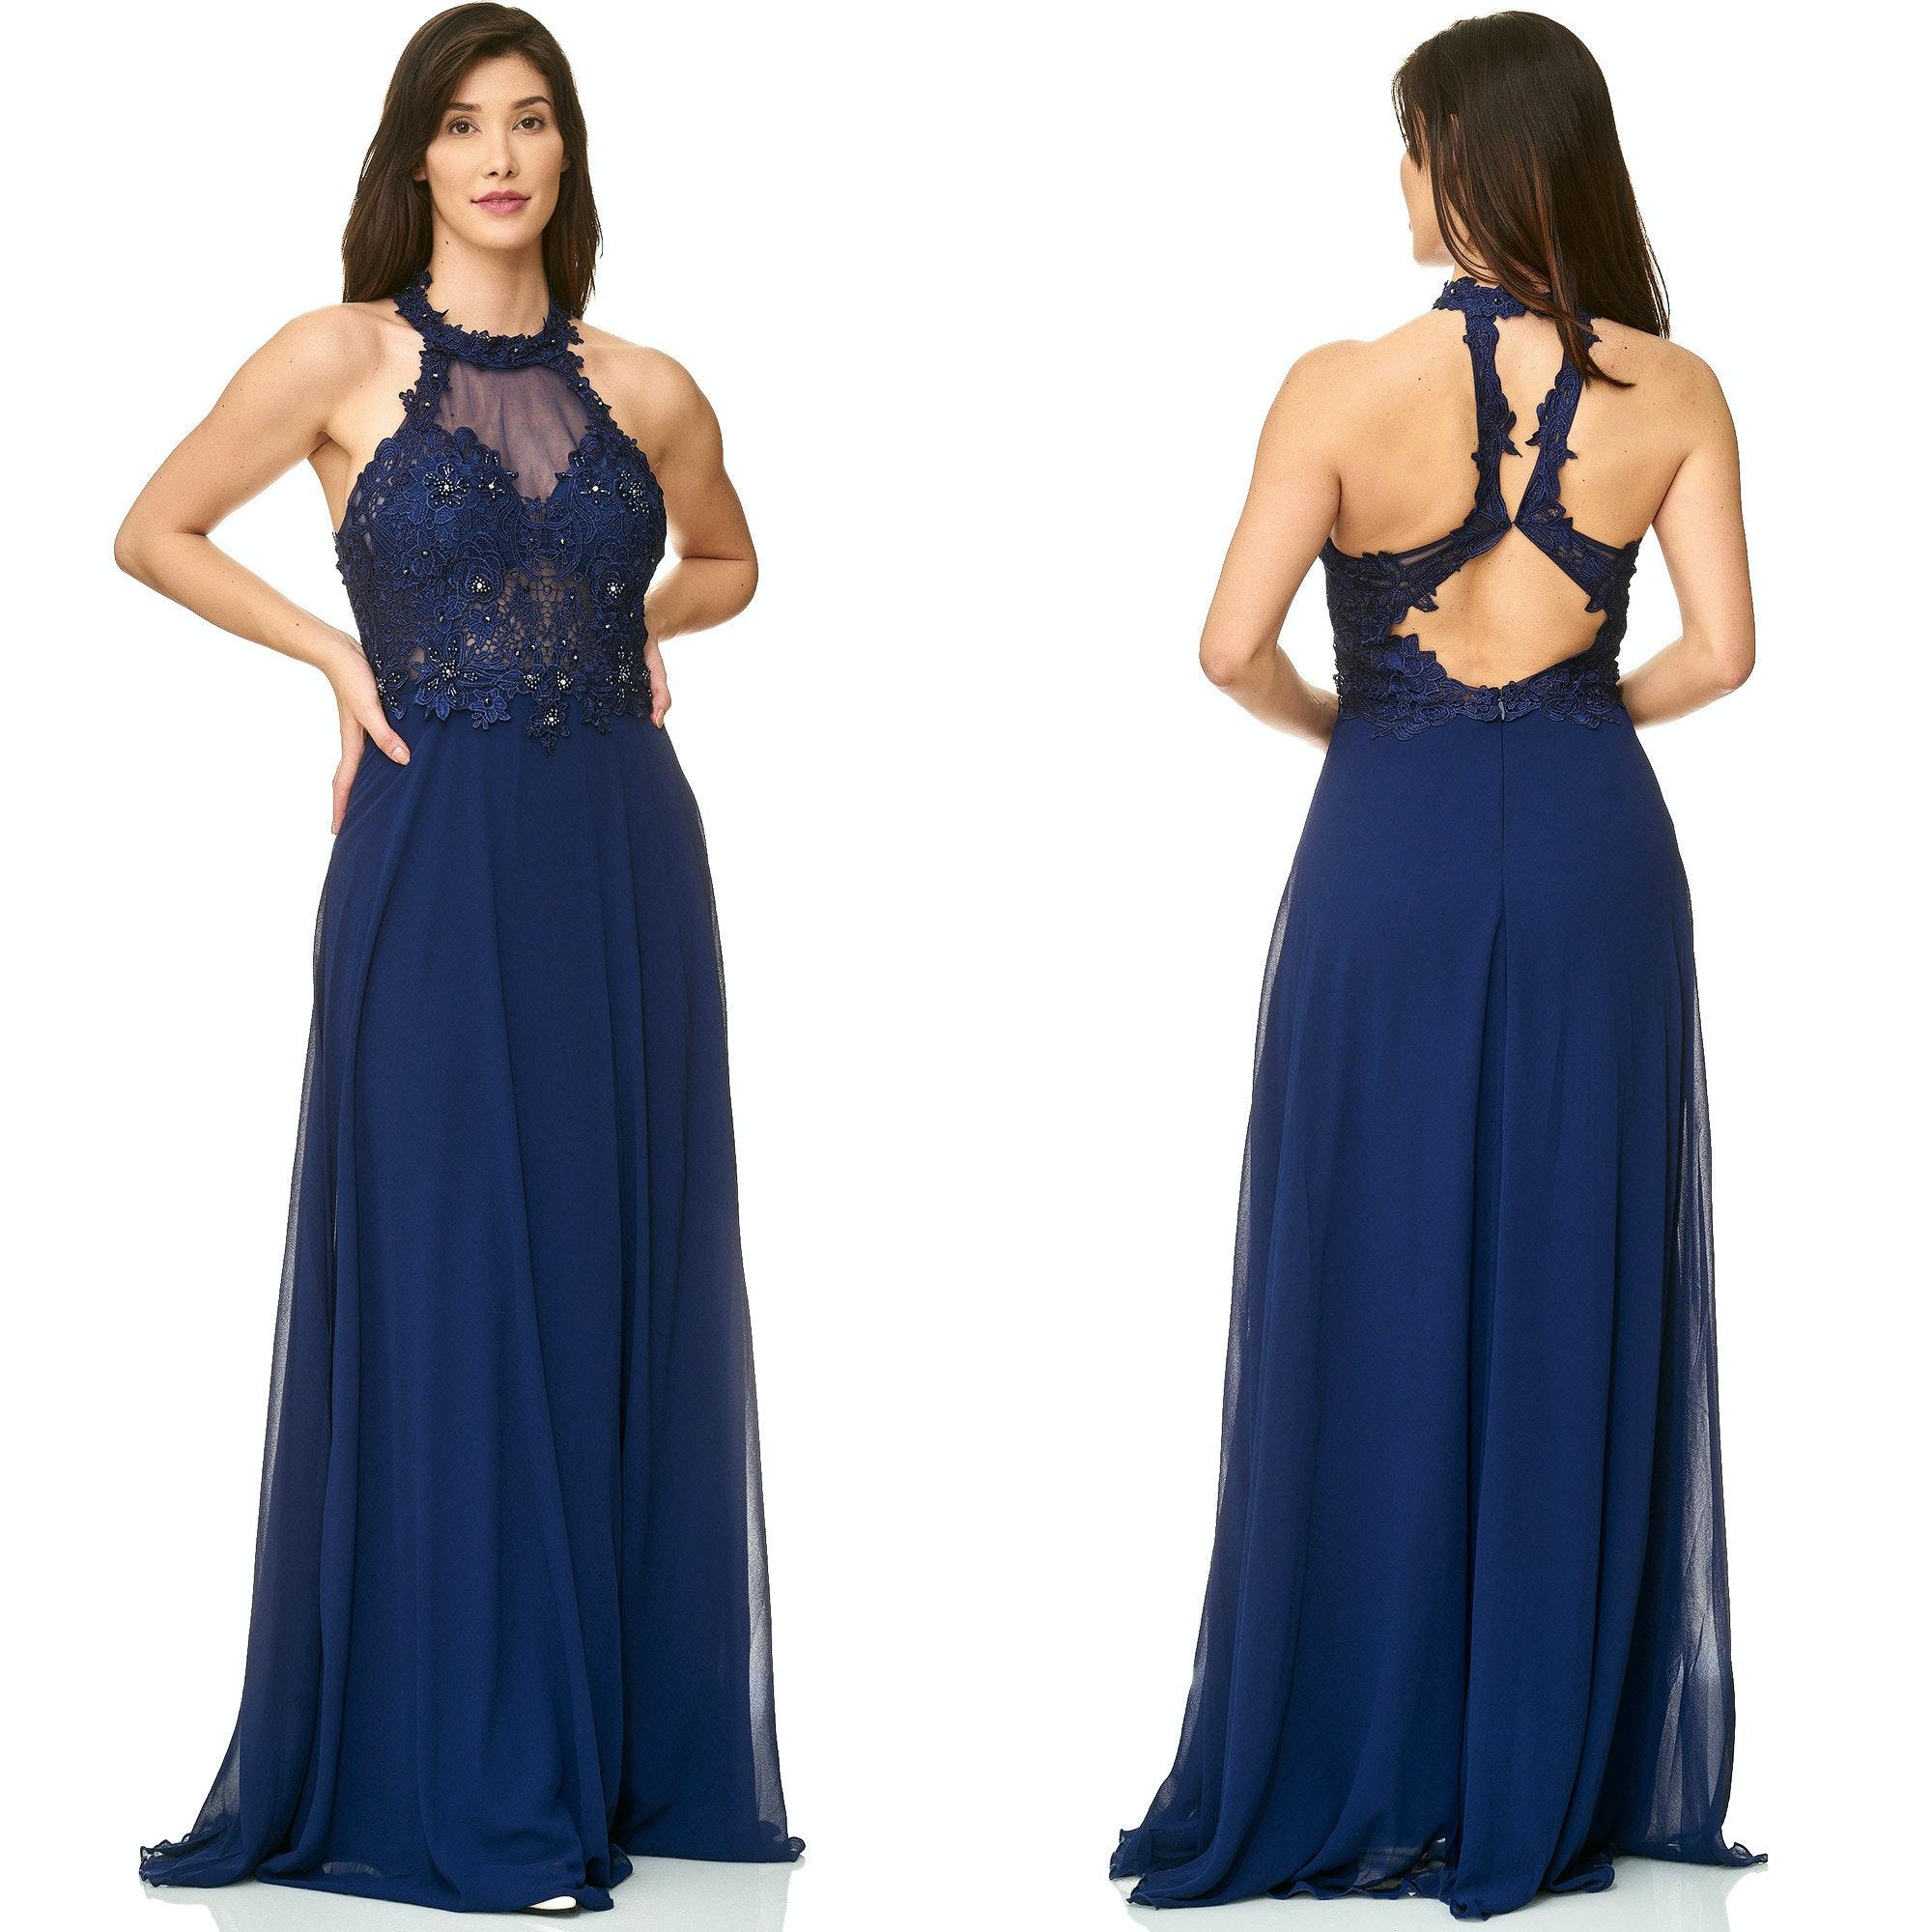 jurk lang blauw